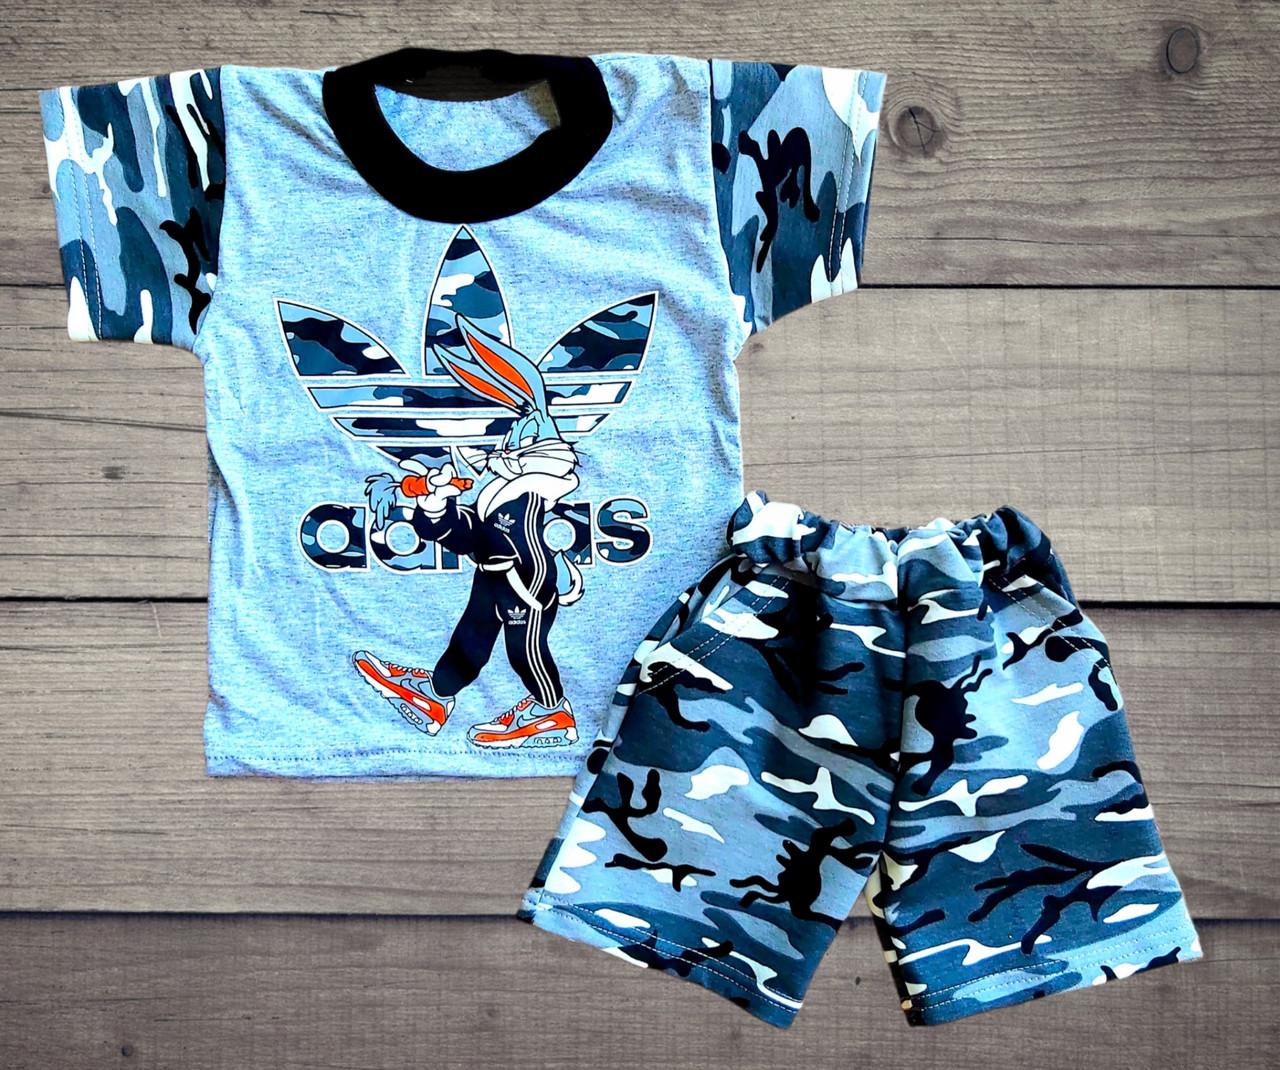 Детский камуфляжный летний костюм футболка и шорты для мальчика ADIDAS & Bugs Bunny